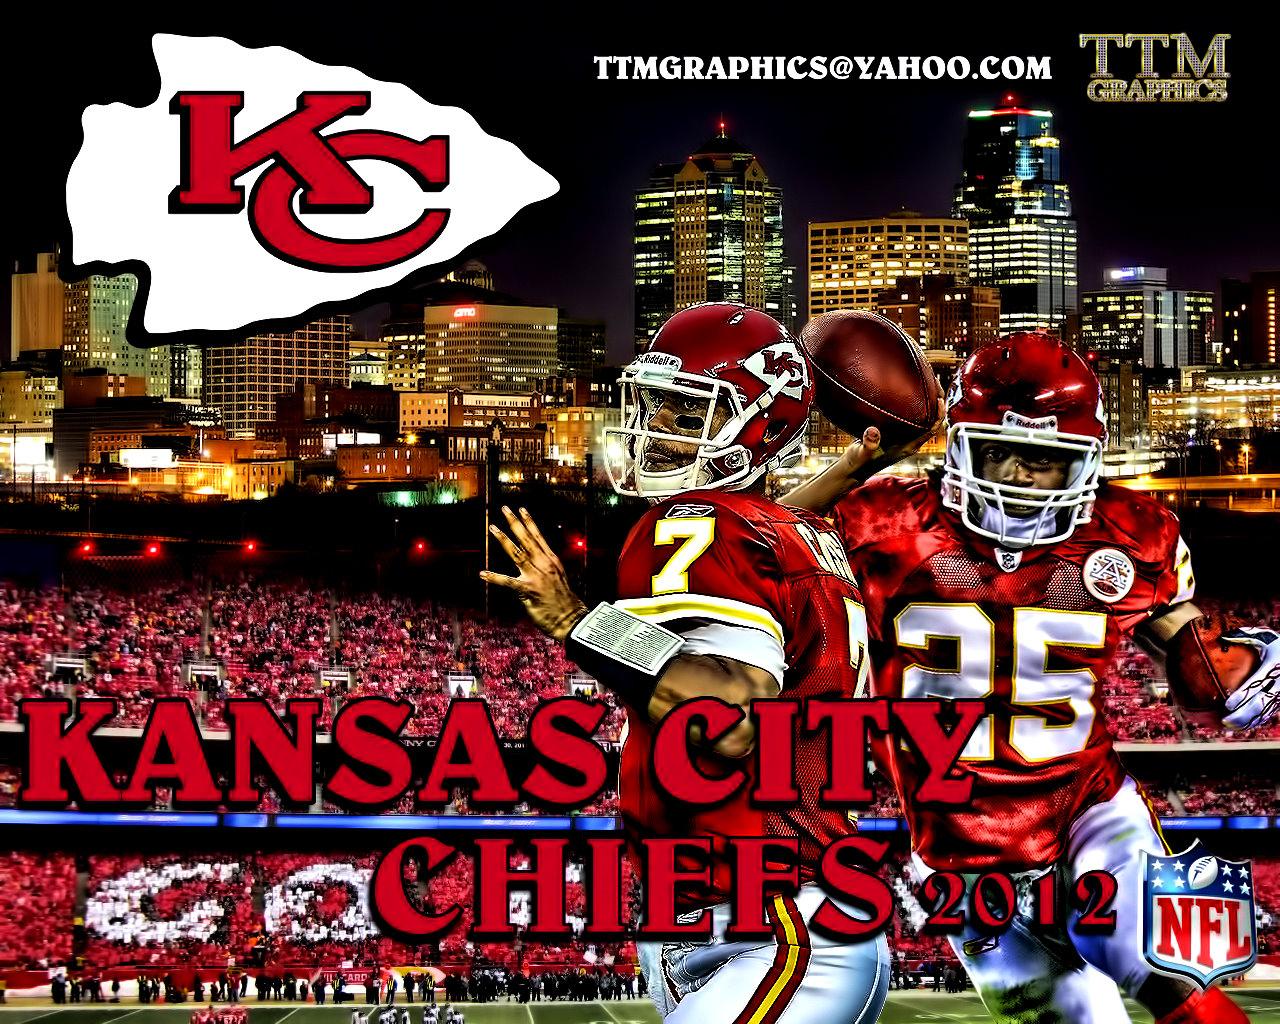 Kansas City Chiefs wallpaper HD desktop wallpaper Kansas City Chiefs 1280x1024